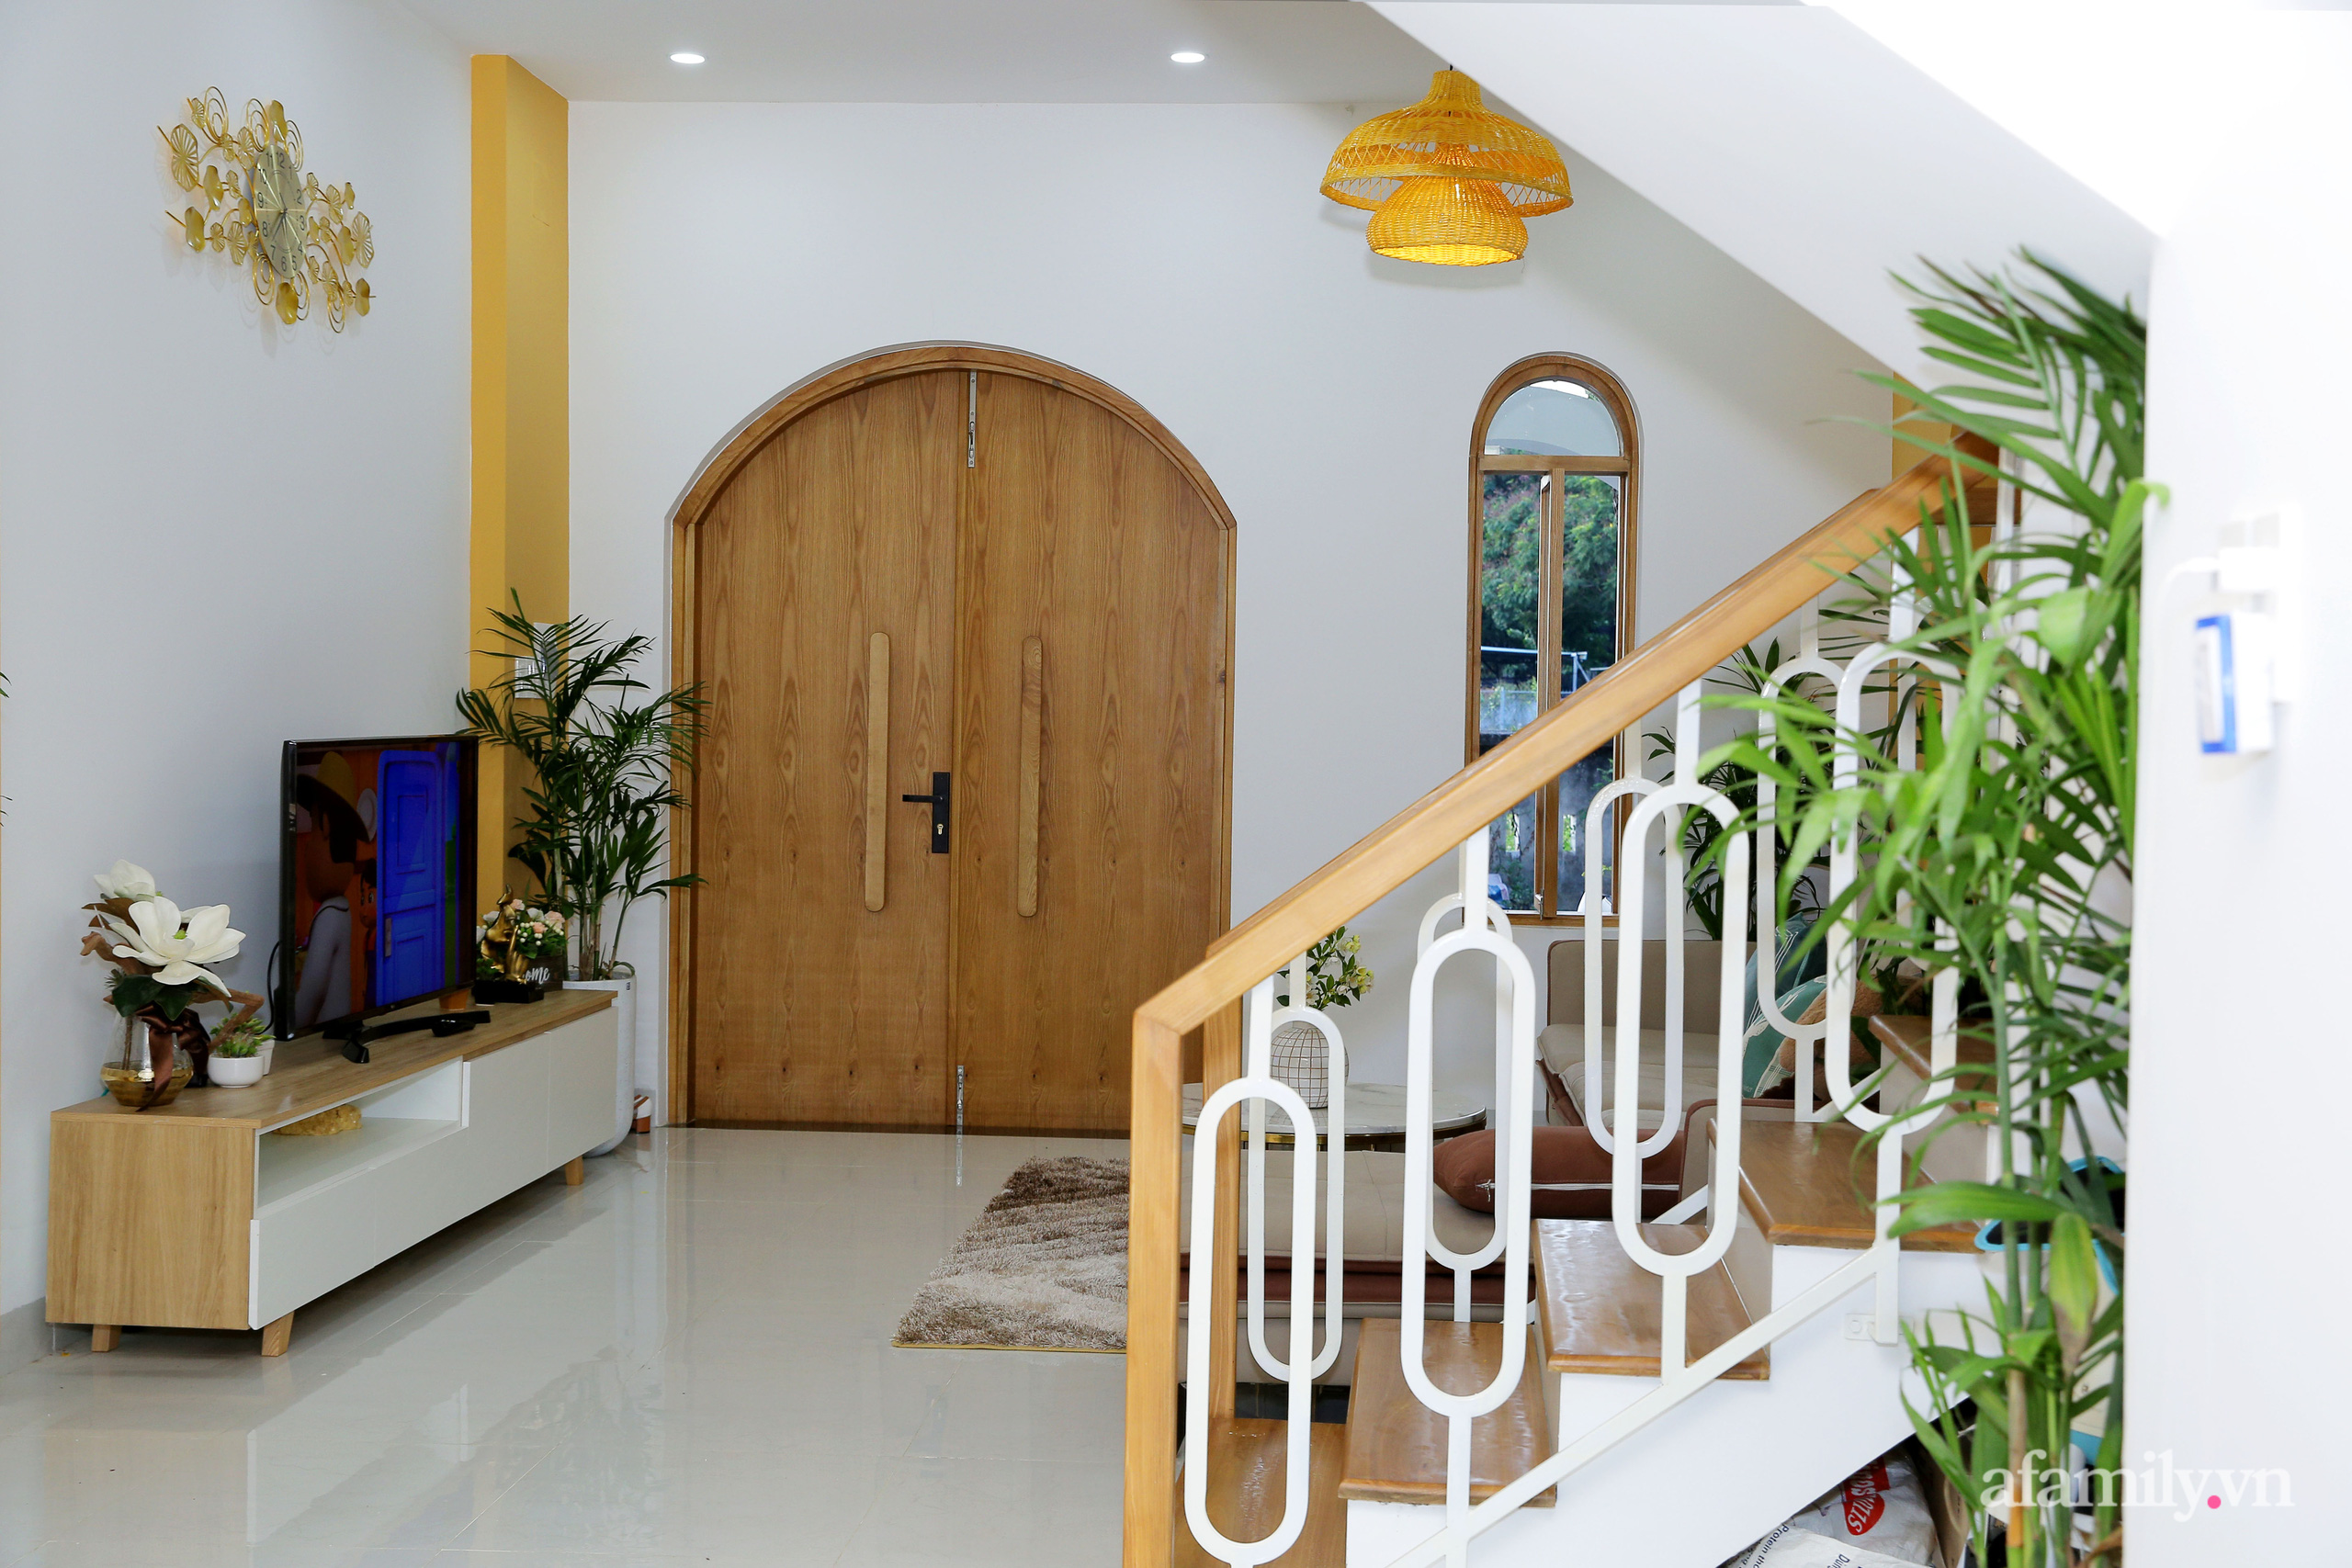 Chồng xây tặng vợ con ngôi nhà ấm cúng với sắc trắng vàng cùng cây xanh và ánh sáng ngập tràn ở Đà Nẵng sau 10 năm ở trọ - Ảnh 5.